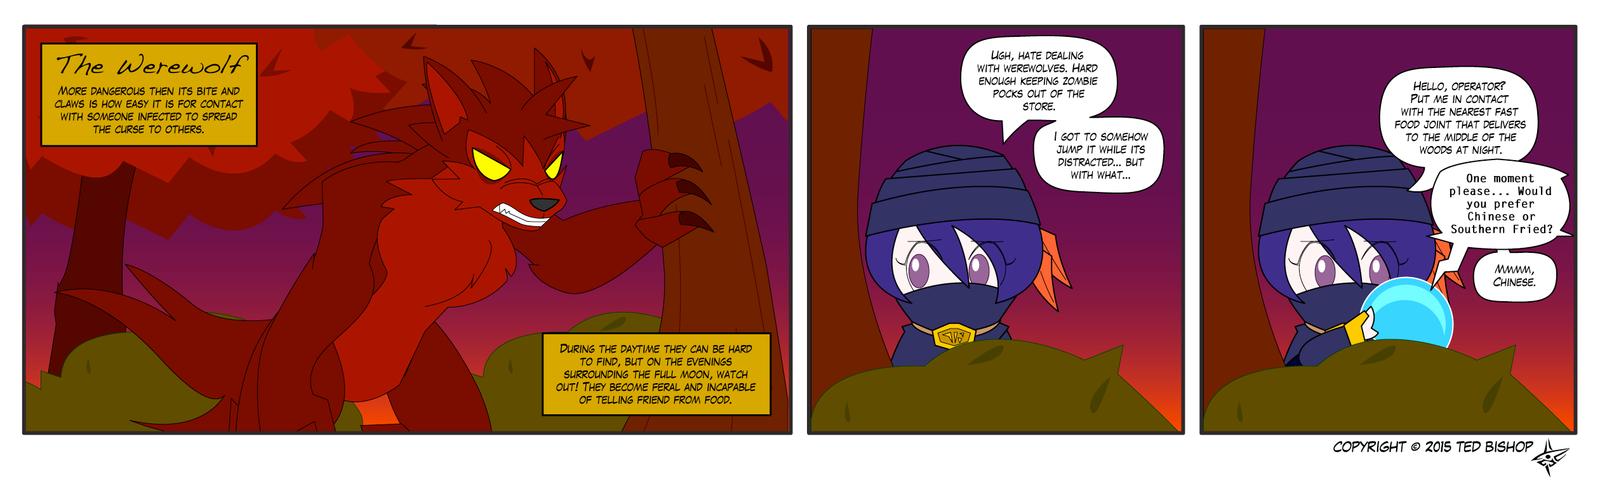 the_werewolf_dilemma